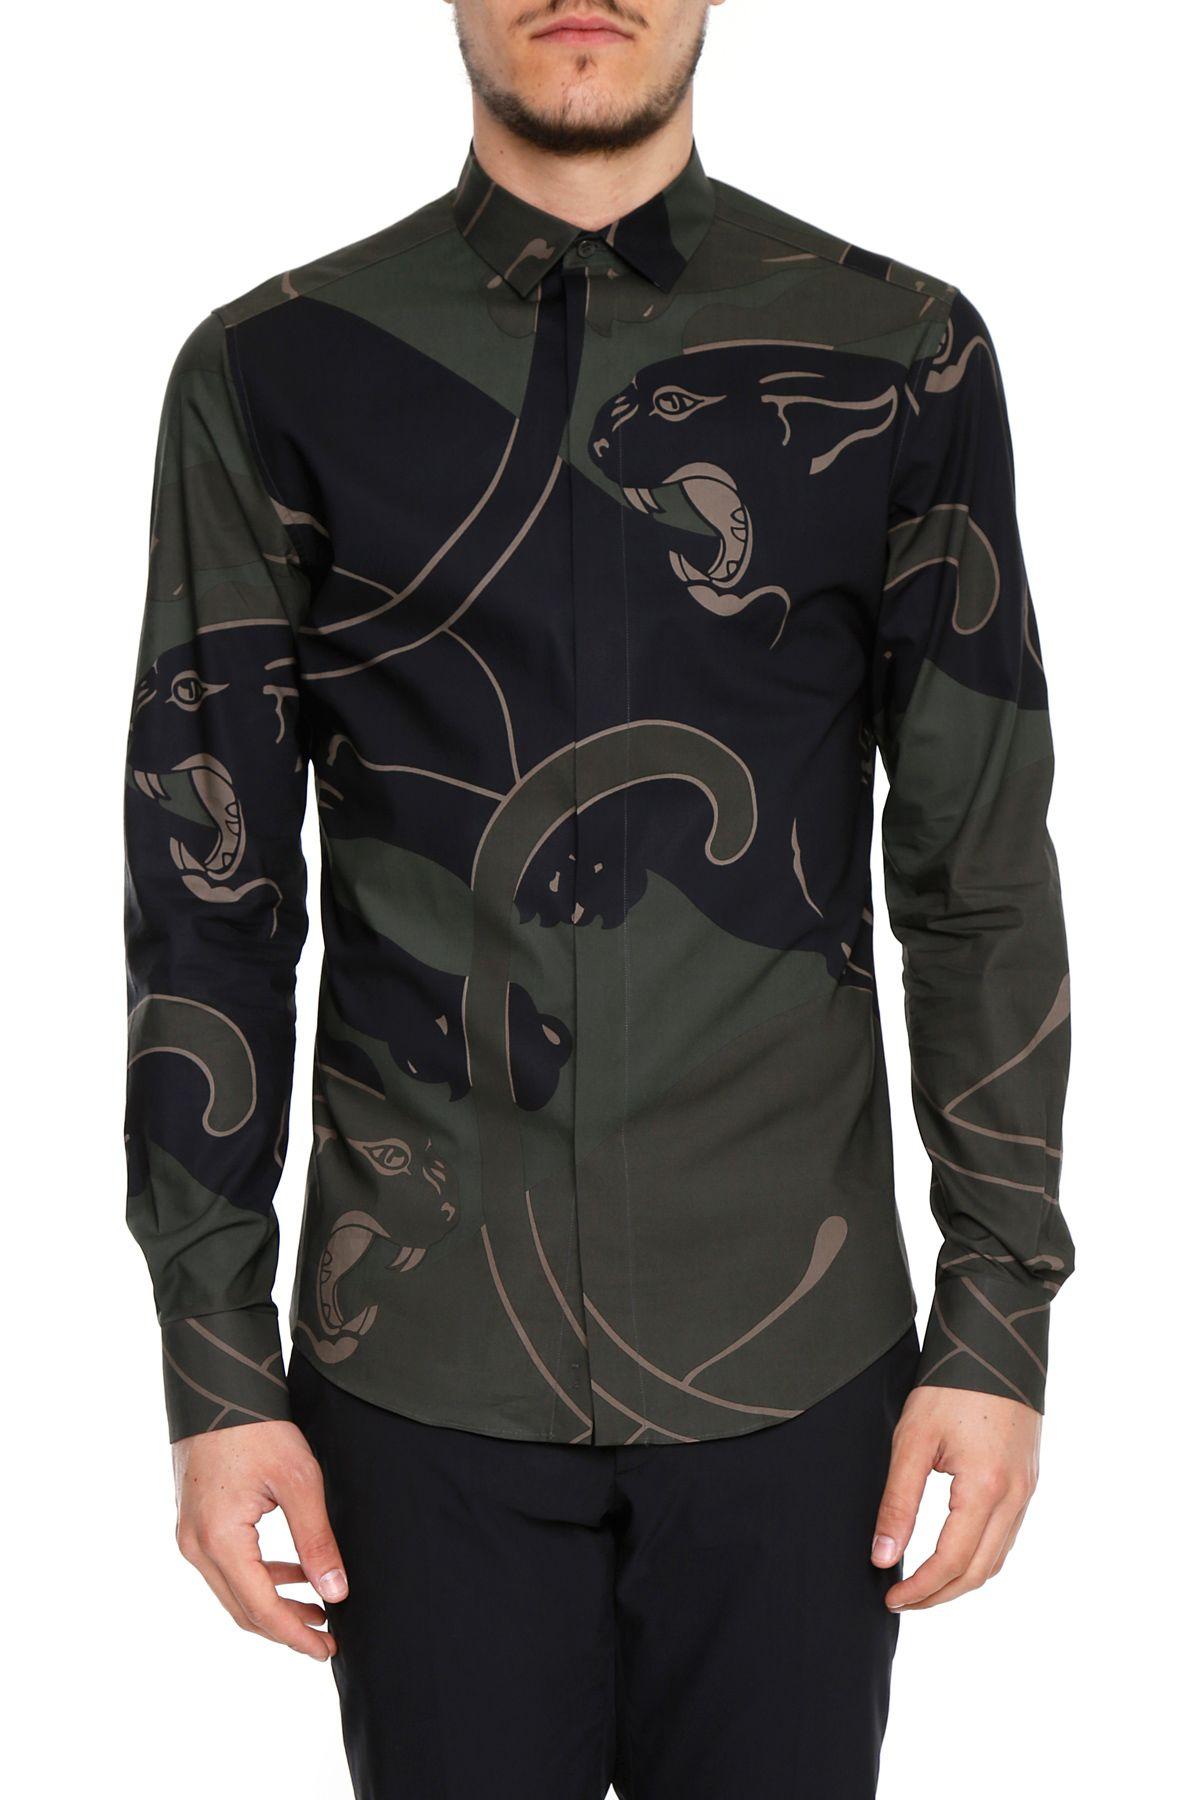 Panther Print Shirt